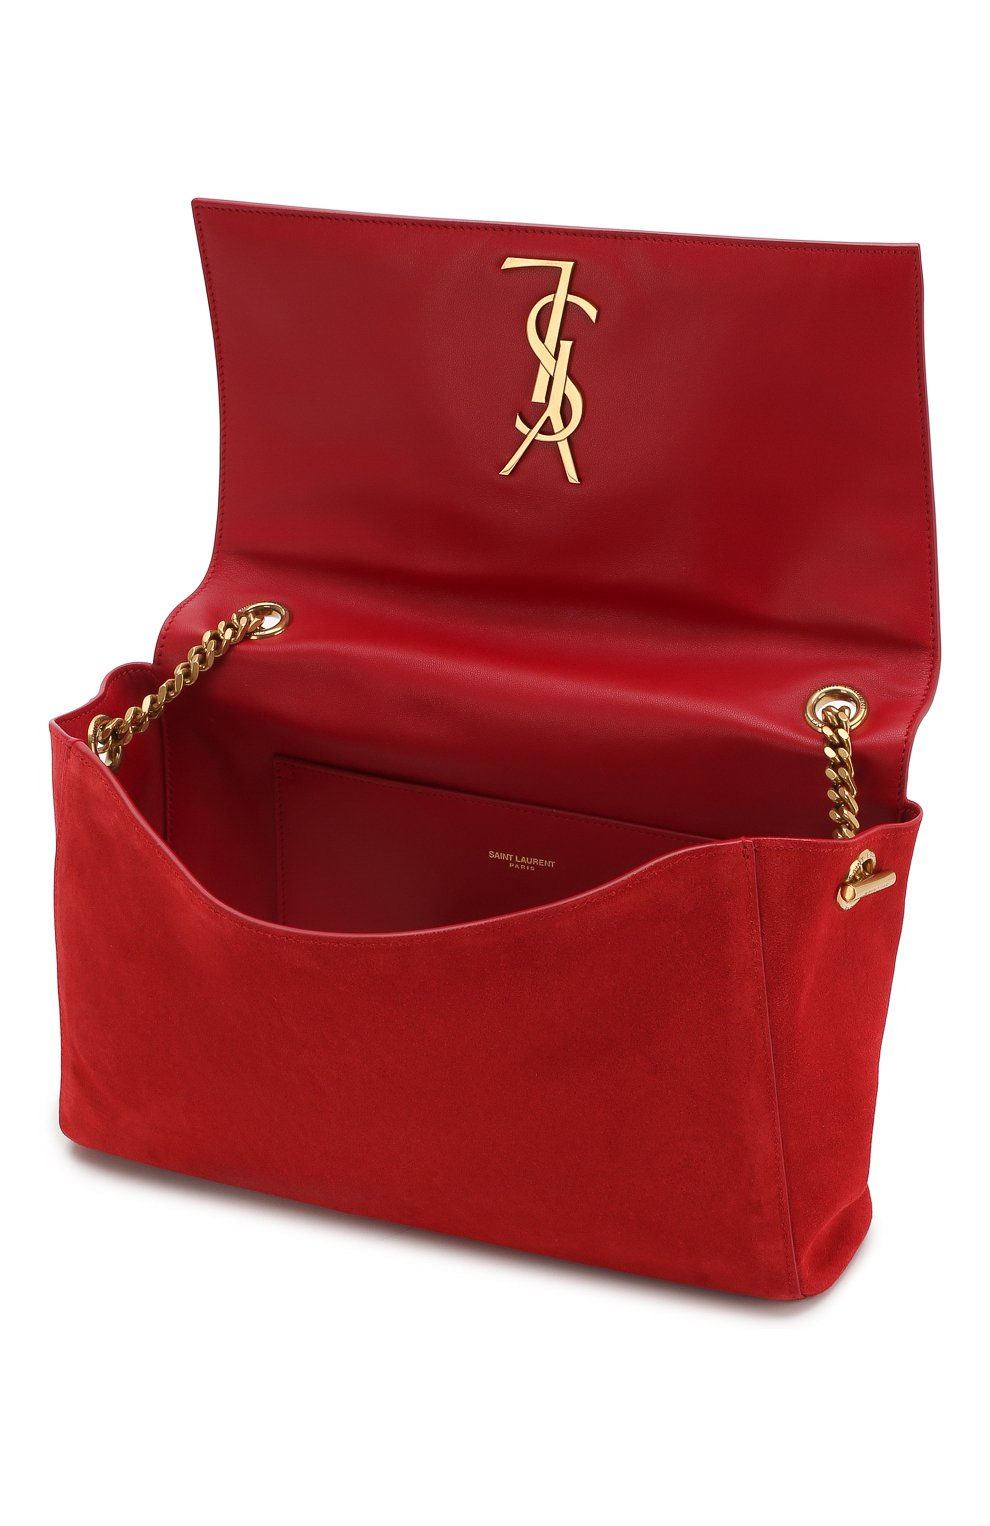 c93ee59b1d51 Сумки Saint Laurent по цене от 52 350 руб. купить в интернет-магазине ЦУМ